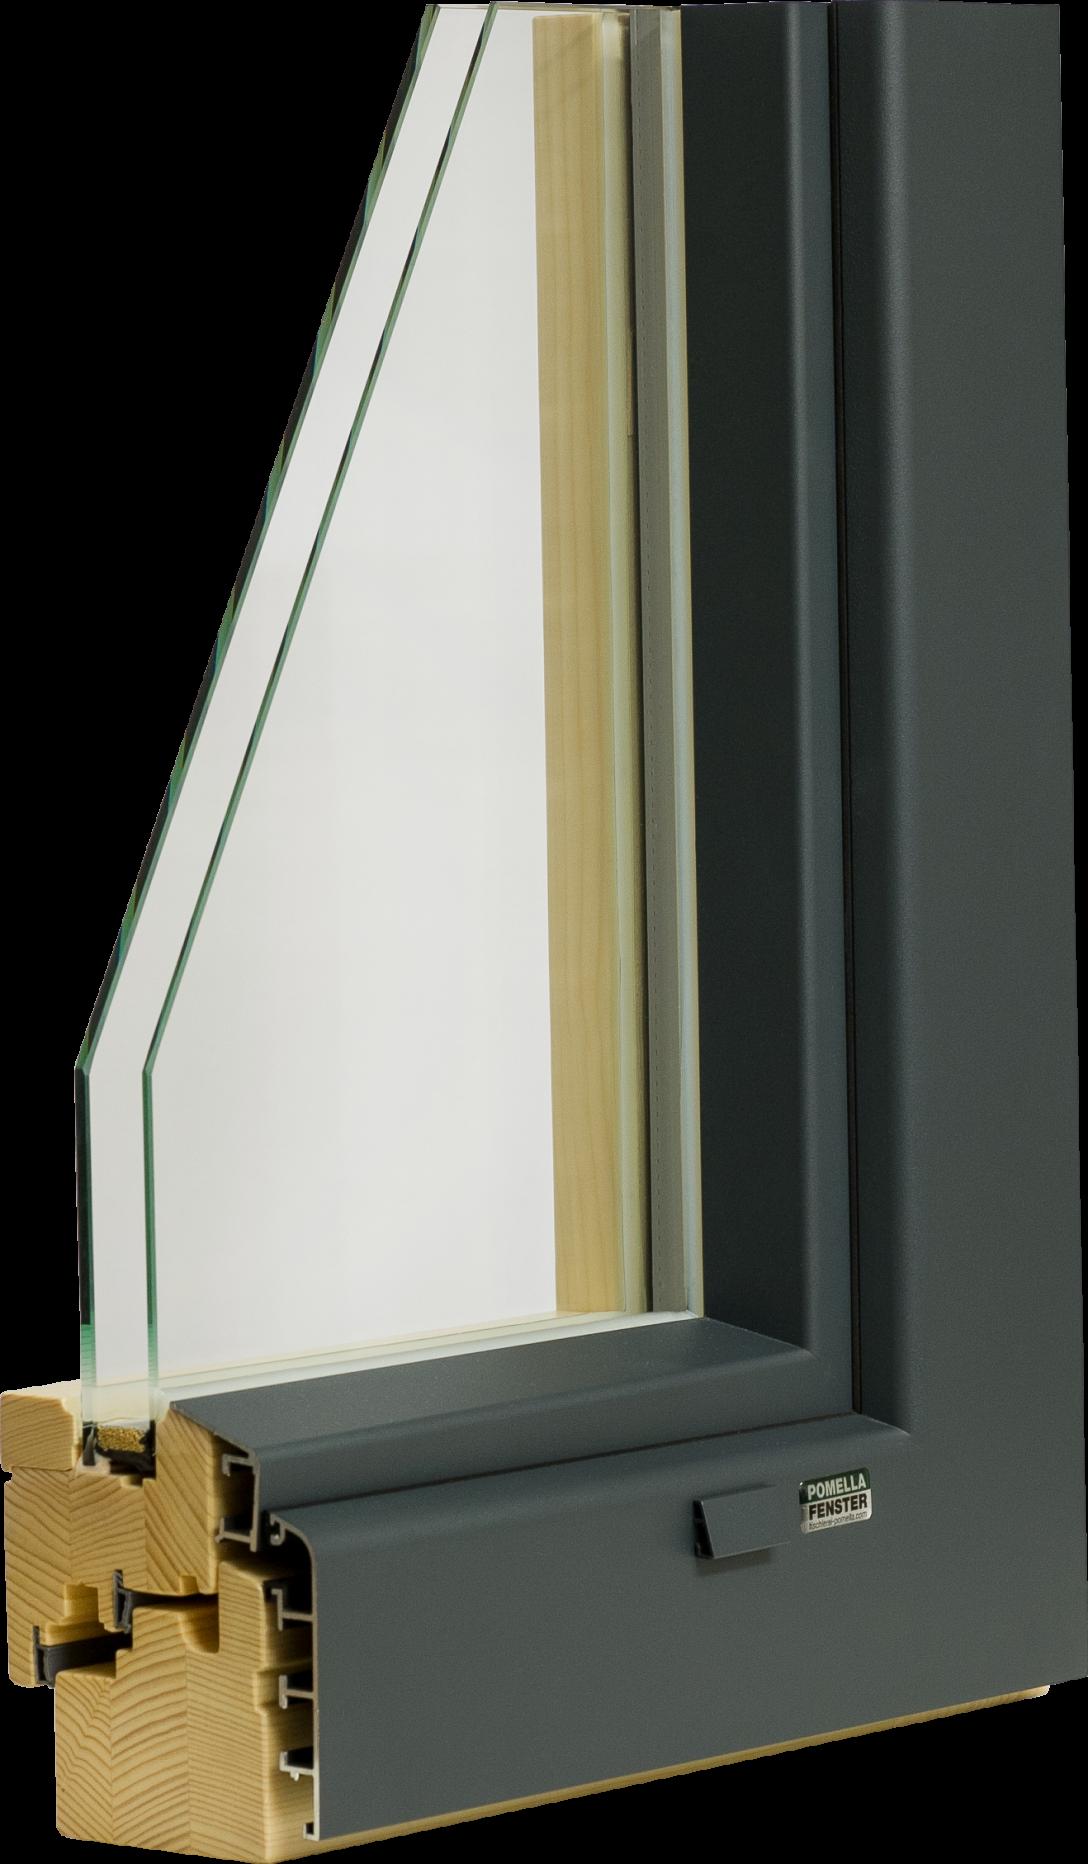 Large Size of Holz Alu Fenster Mit 2 Fach Verglasung Aufgesetzer Velux Alte Kaufen Rolladen Nachträglich Einbauen Günstige Rc3 Meeth Runde Veka Preise Polen Insektenschutz Fenster Alu Fenster